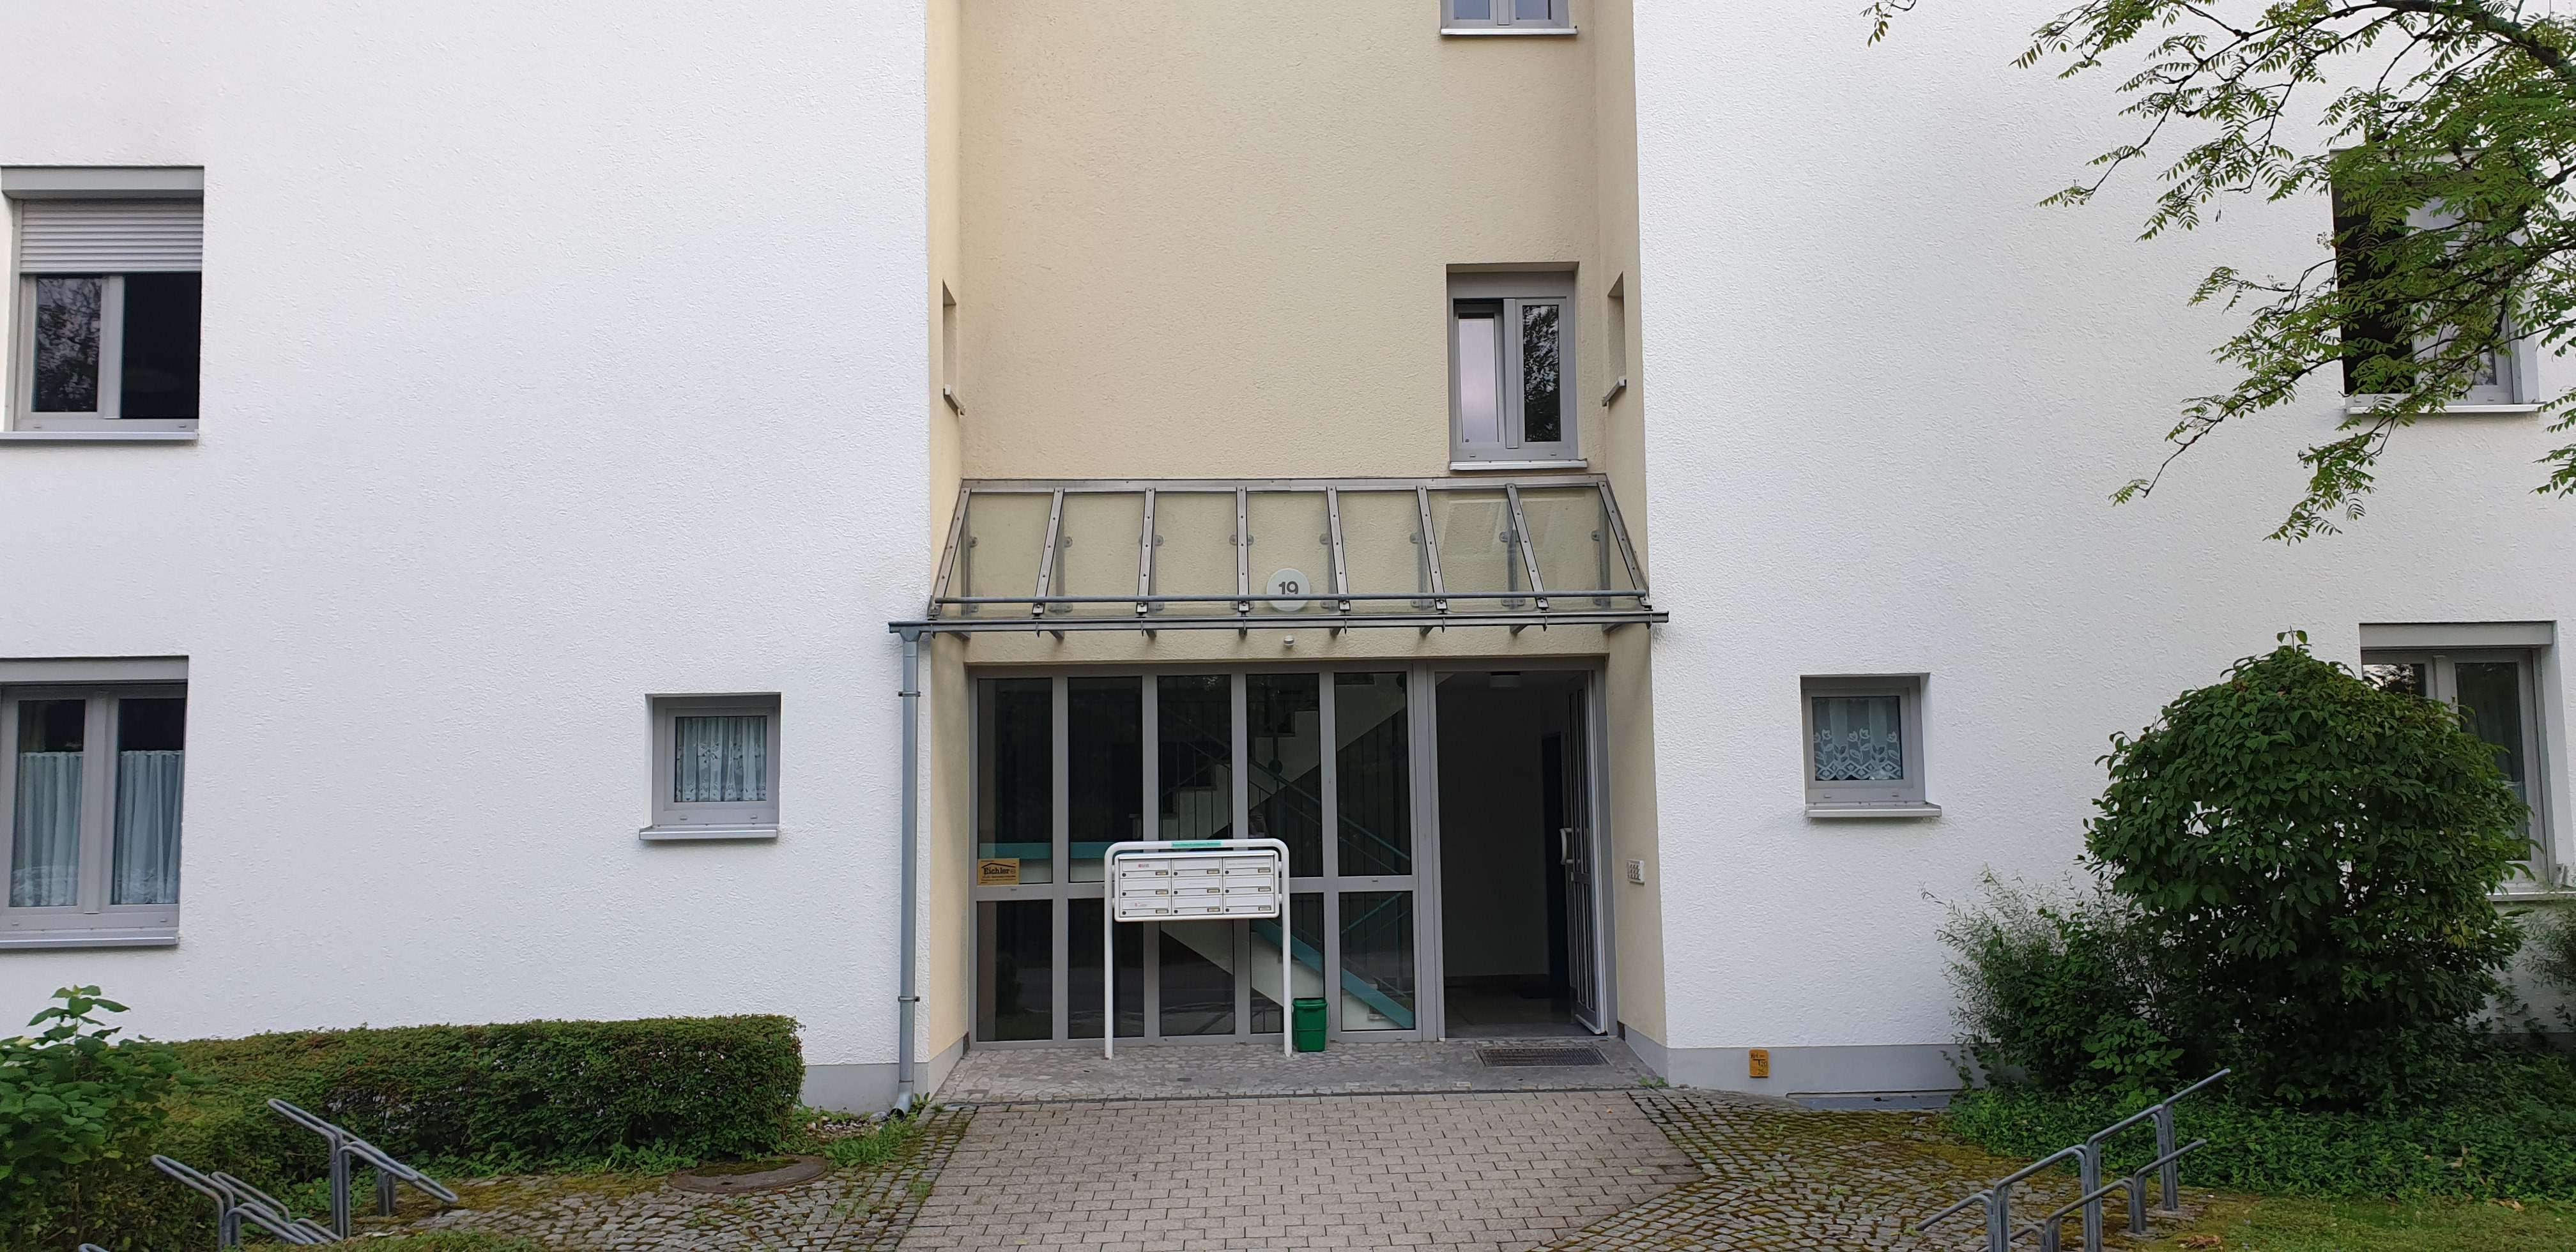 Lichtdurchflutete gepflegte 2-Zimmer-Wohnung mit EBK in Kirchseeon-Eglhartin in